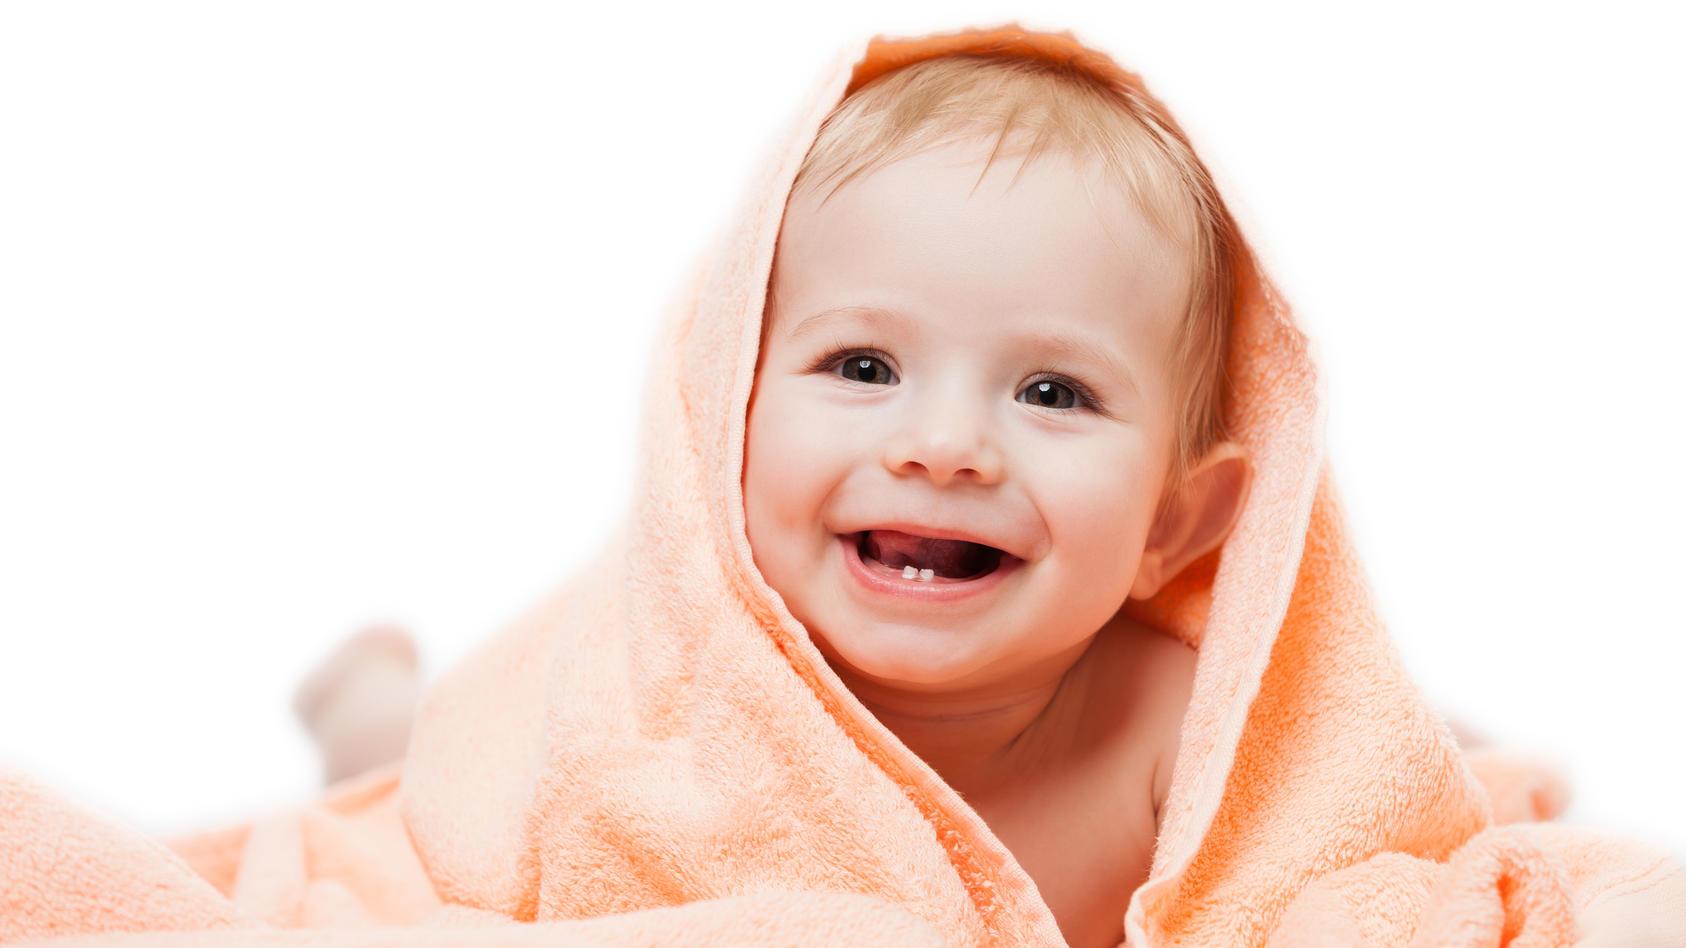 Wenn Babys erster Zahn kommt, hat das Kind oft starke Schmerzen. Ein Zahnungsgel kann Abhilfe schaffen.